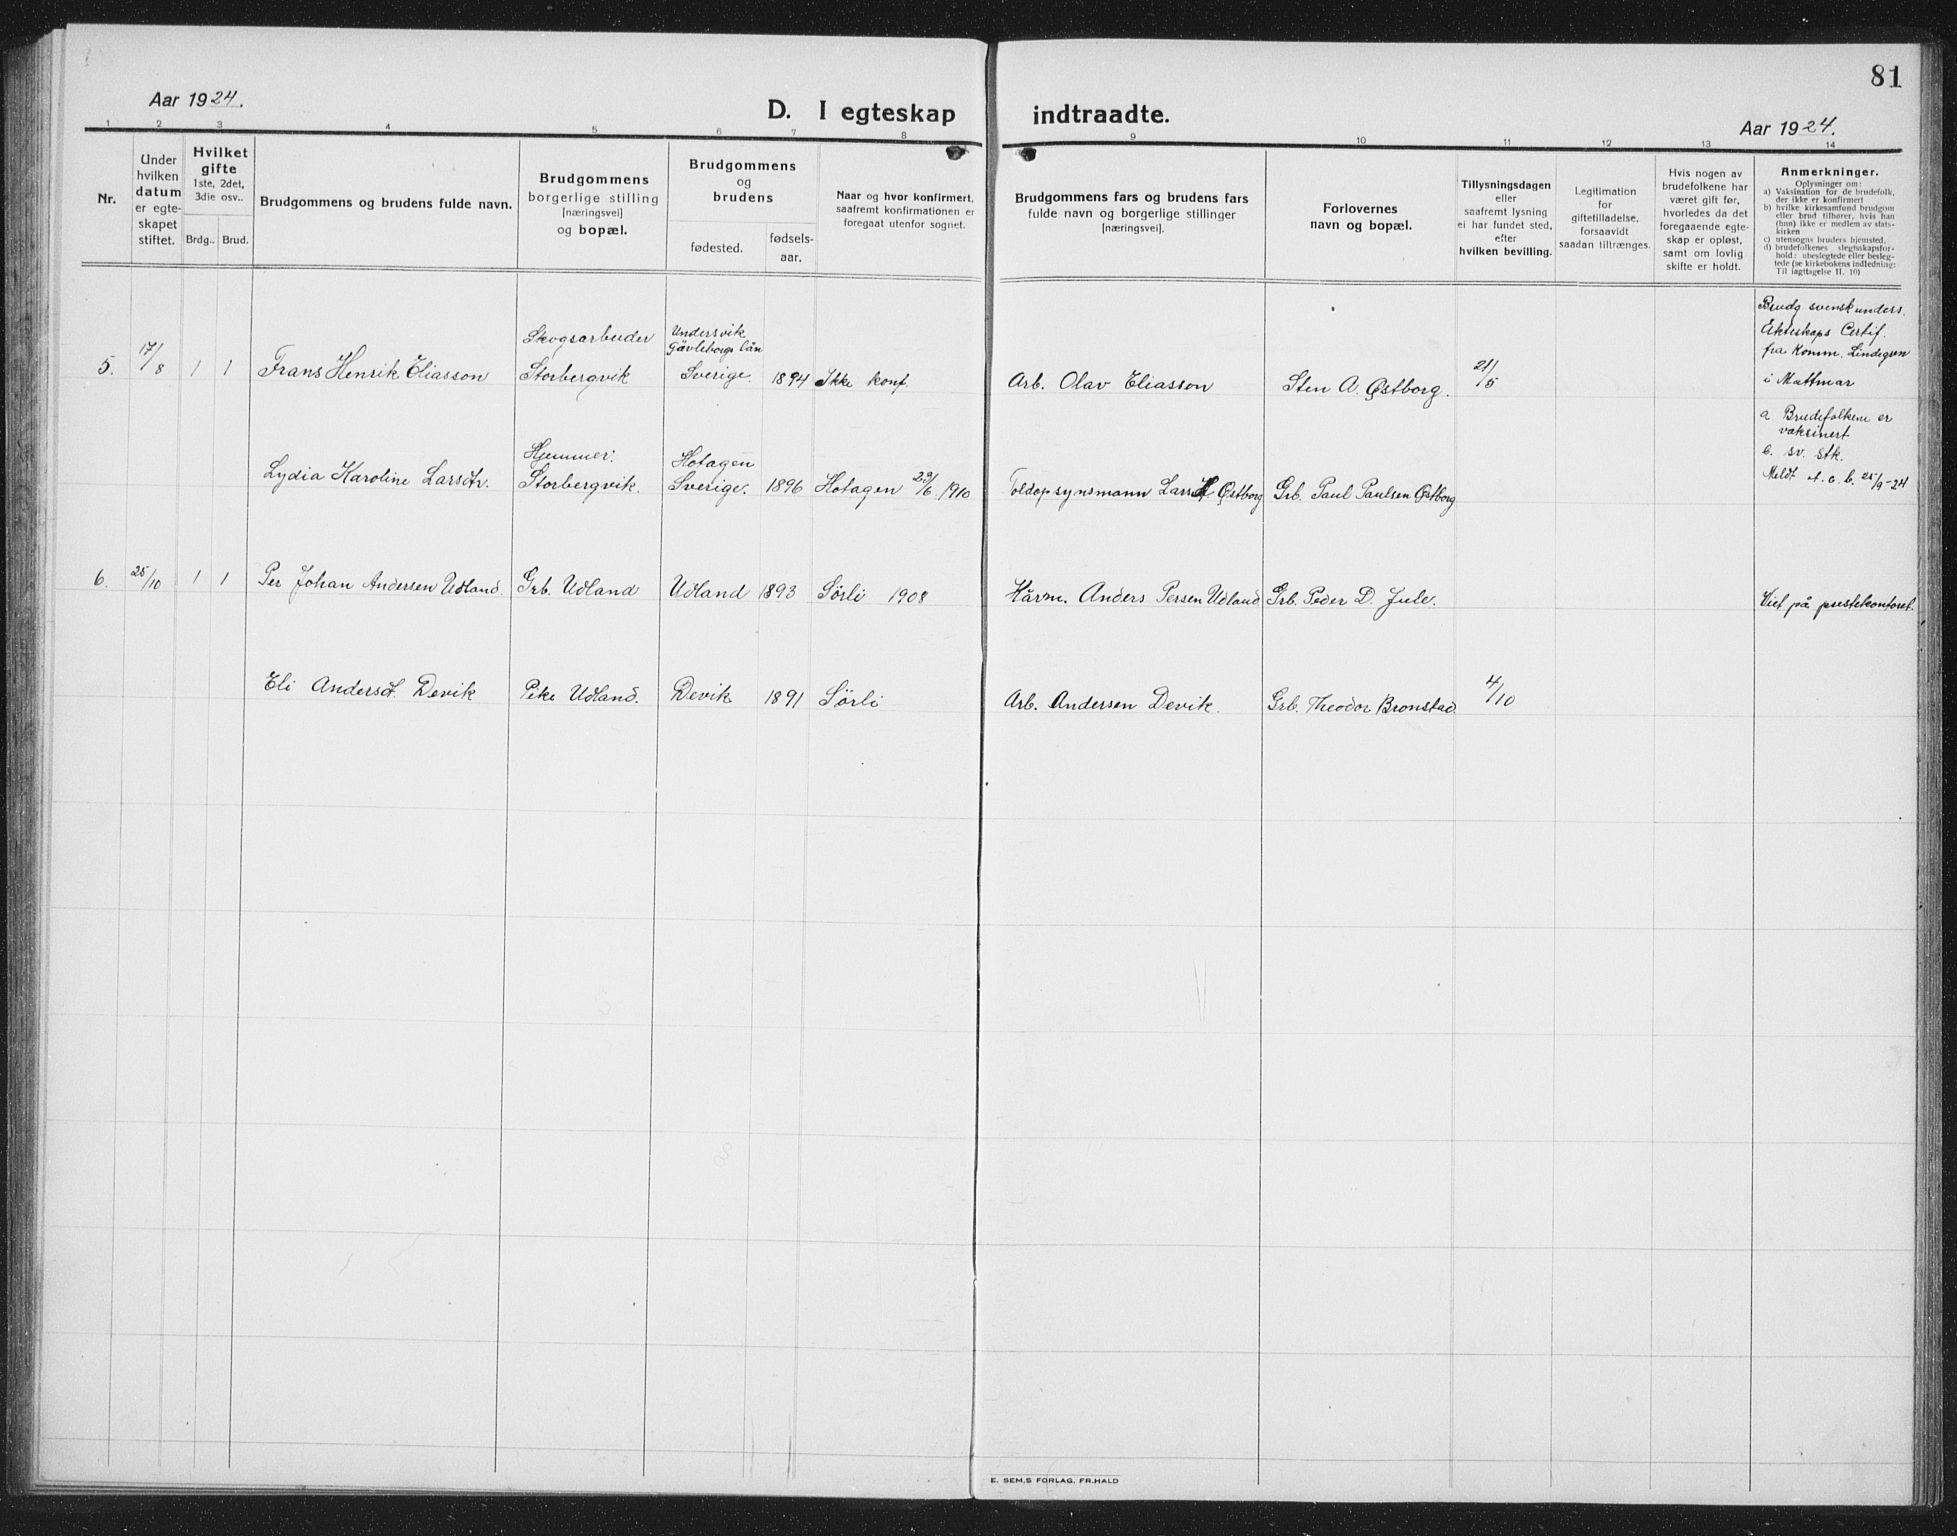 SAT, Ministerialprotokoller, klokkerbøker og fødselsregistre - Nord-Trøndelag, 757/L0507: Klokkerbok nr. 757C02, 1923-1939, s. 81